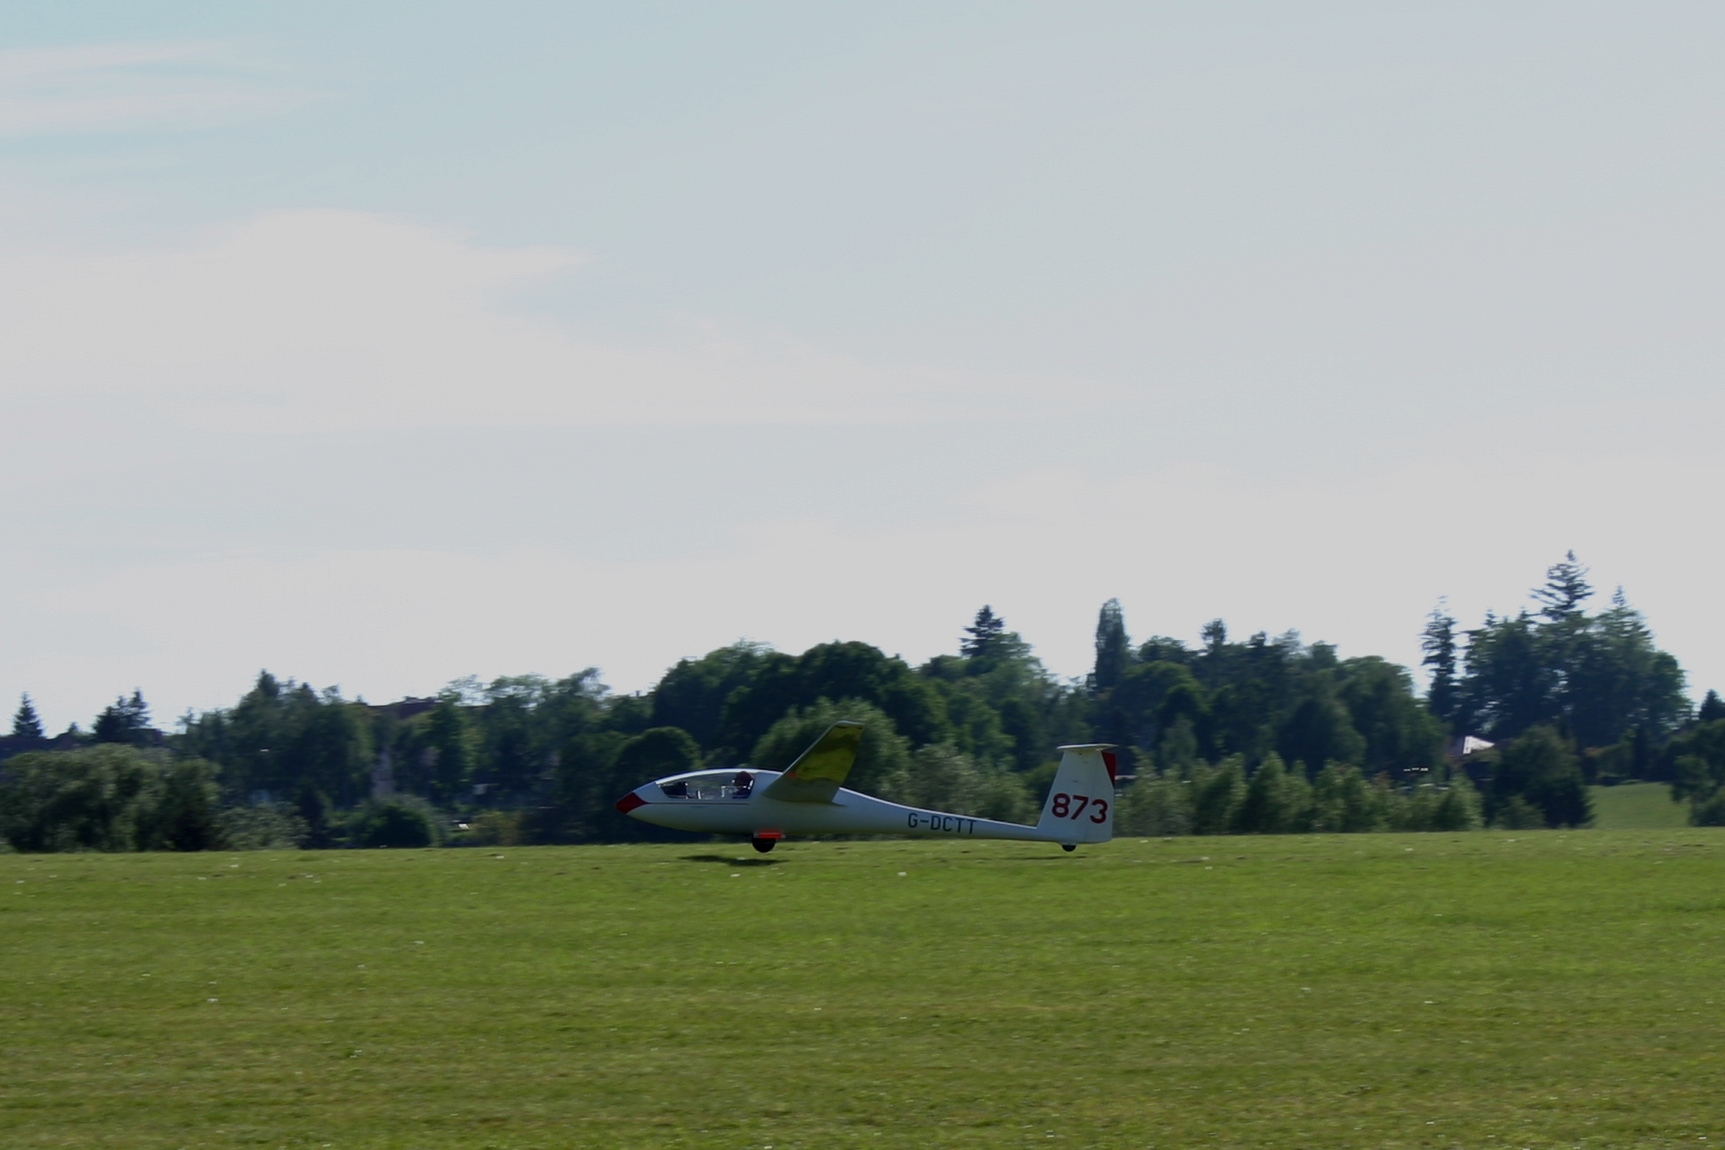 Liz landing back on Day 7